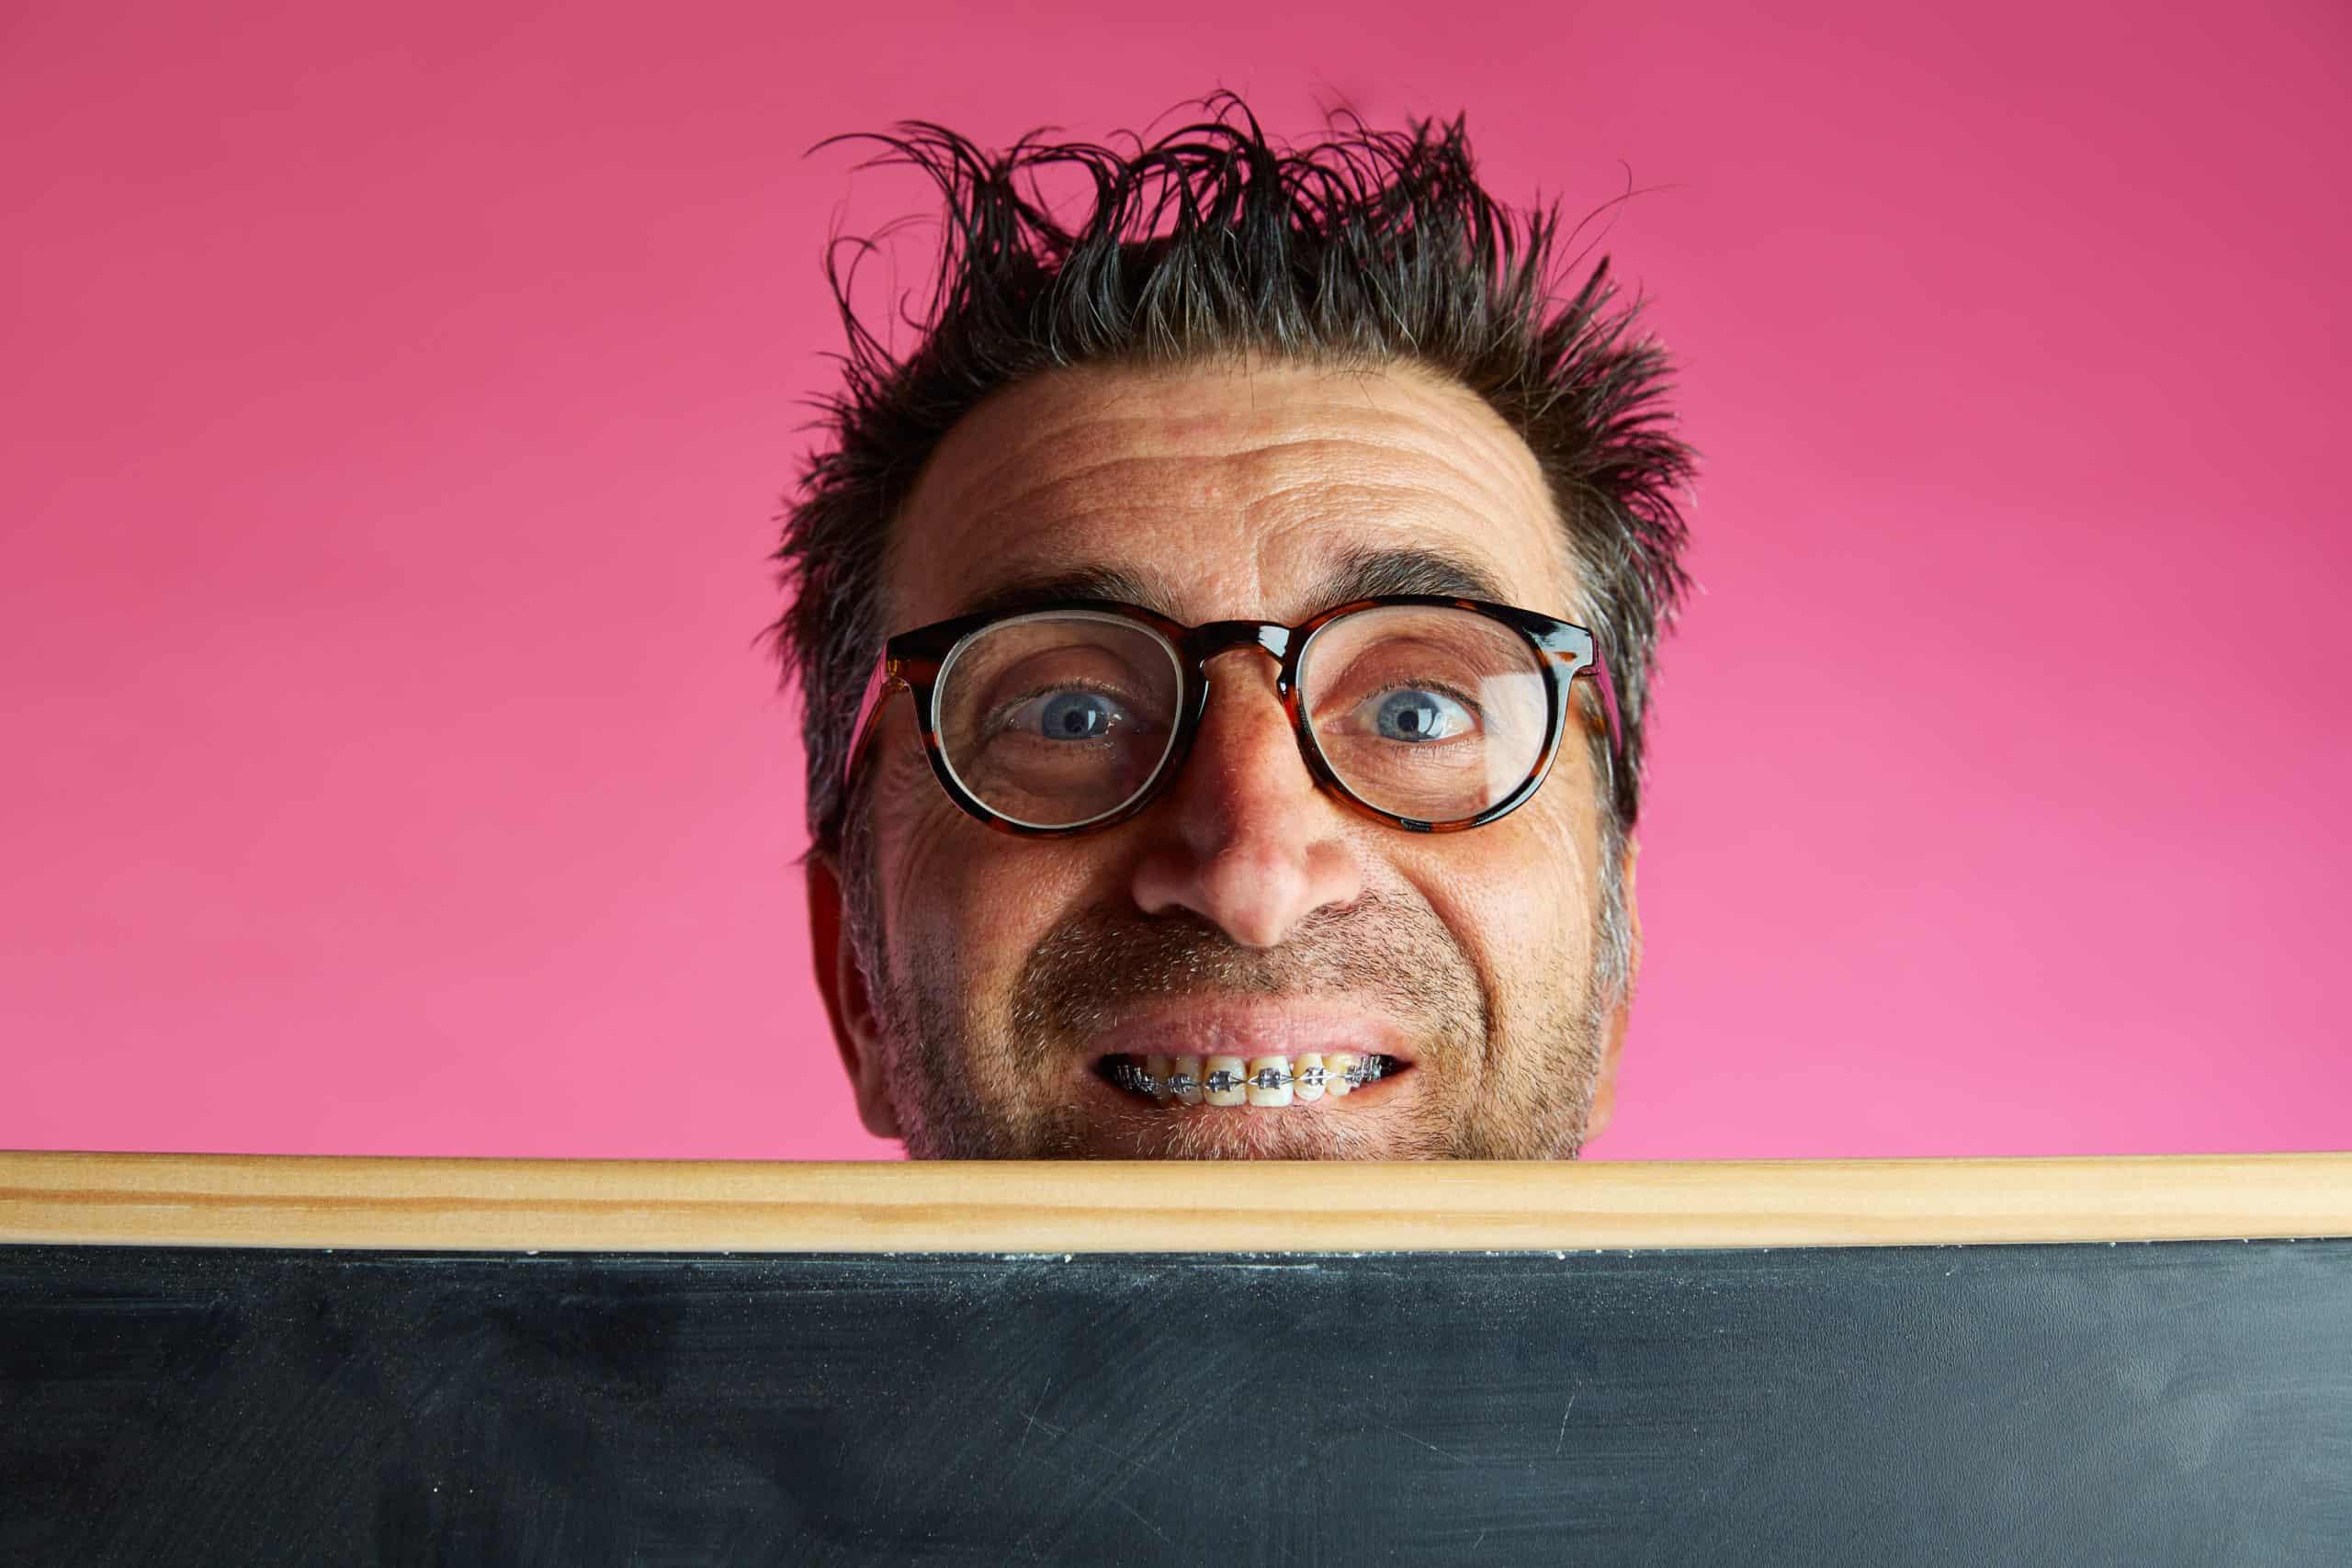 Czy noszenie aparatu ortodontycznego boli?